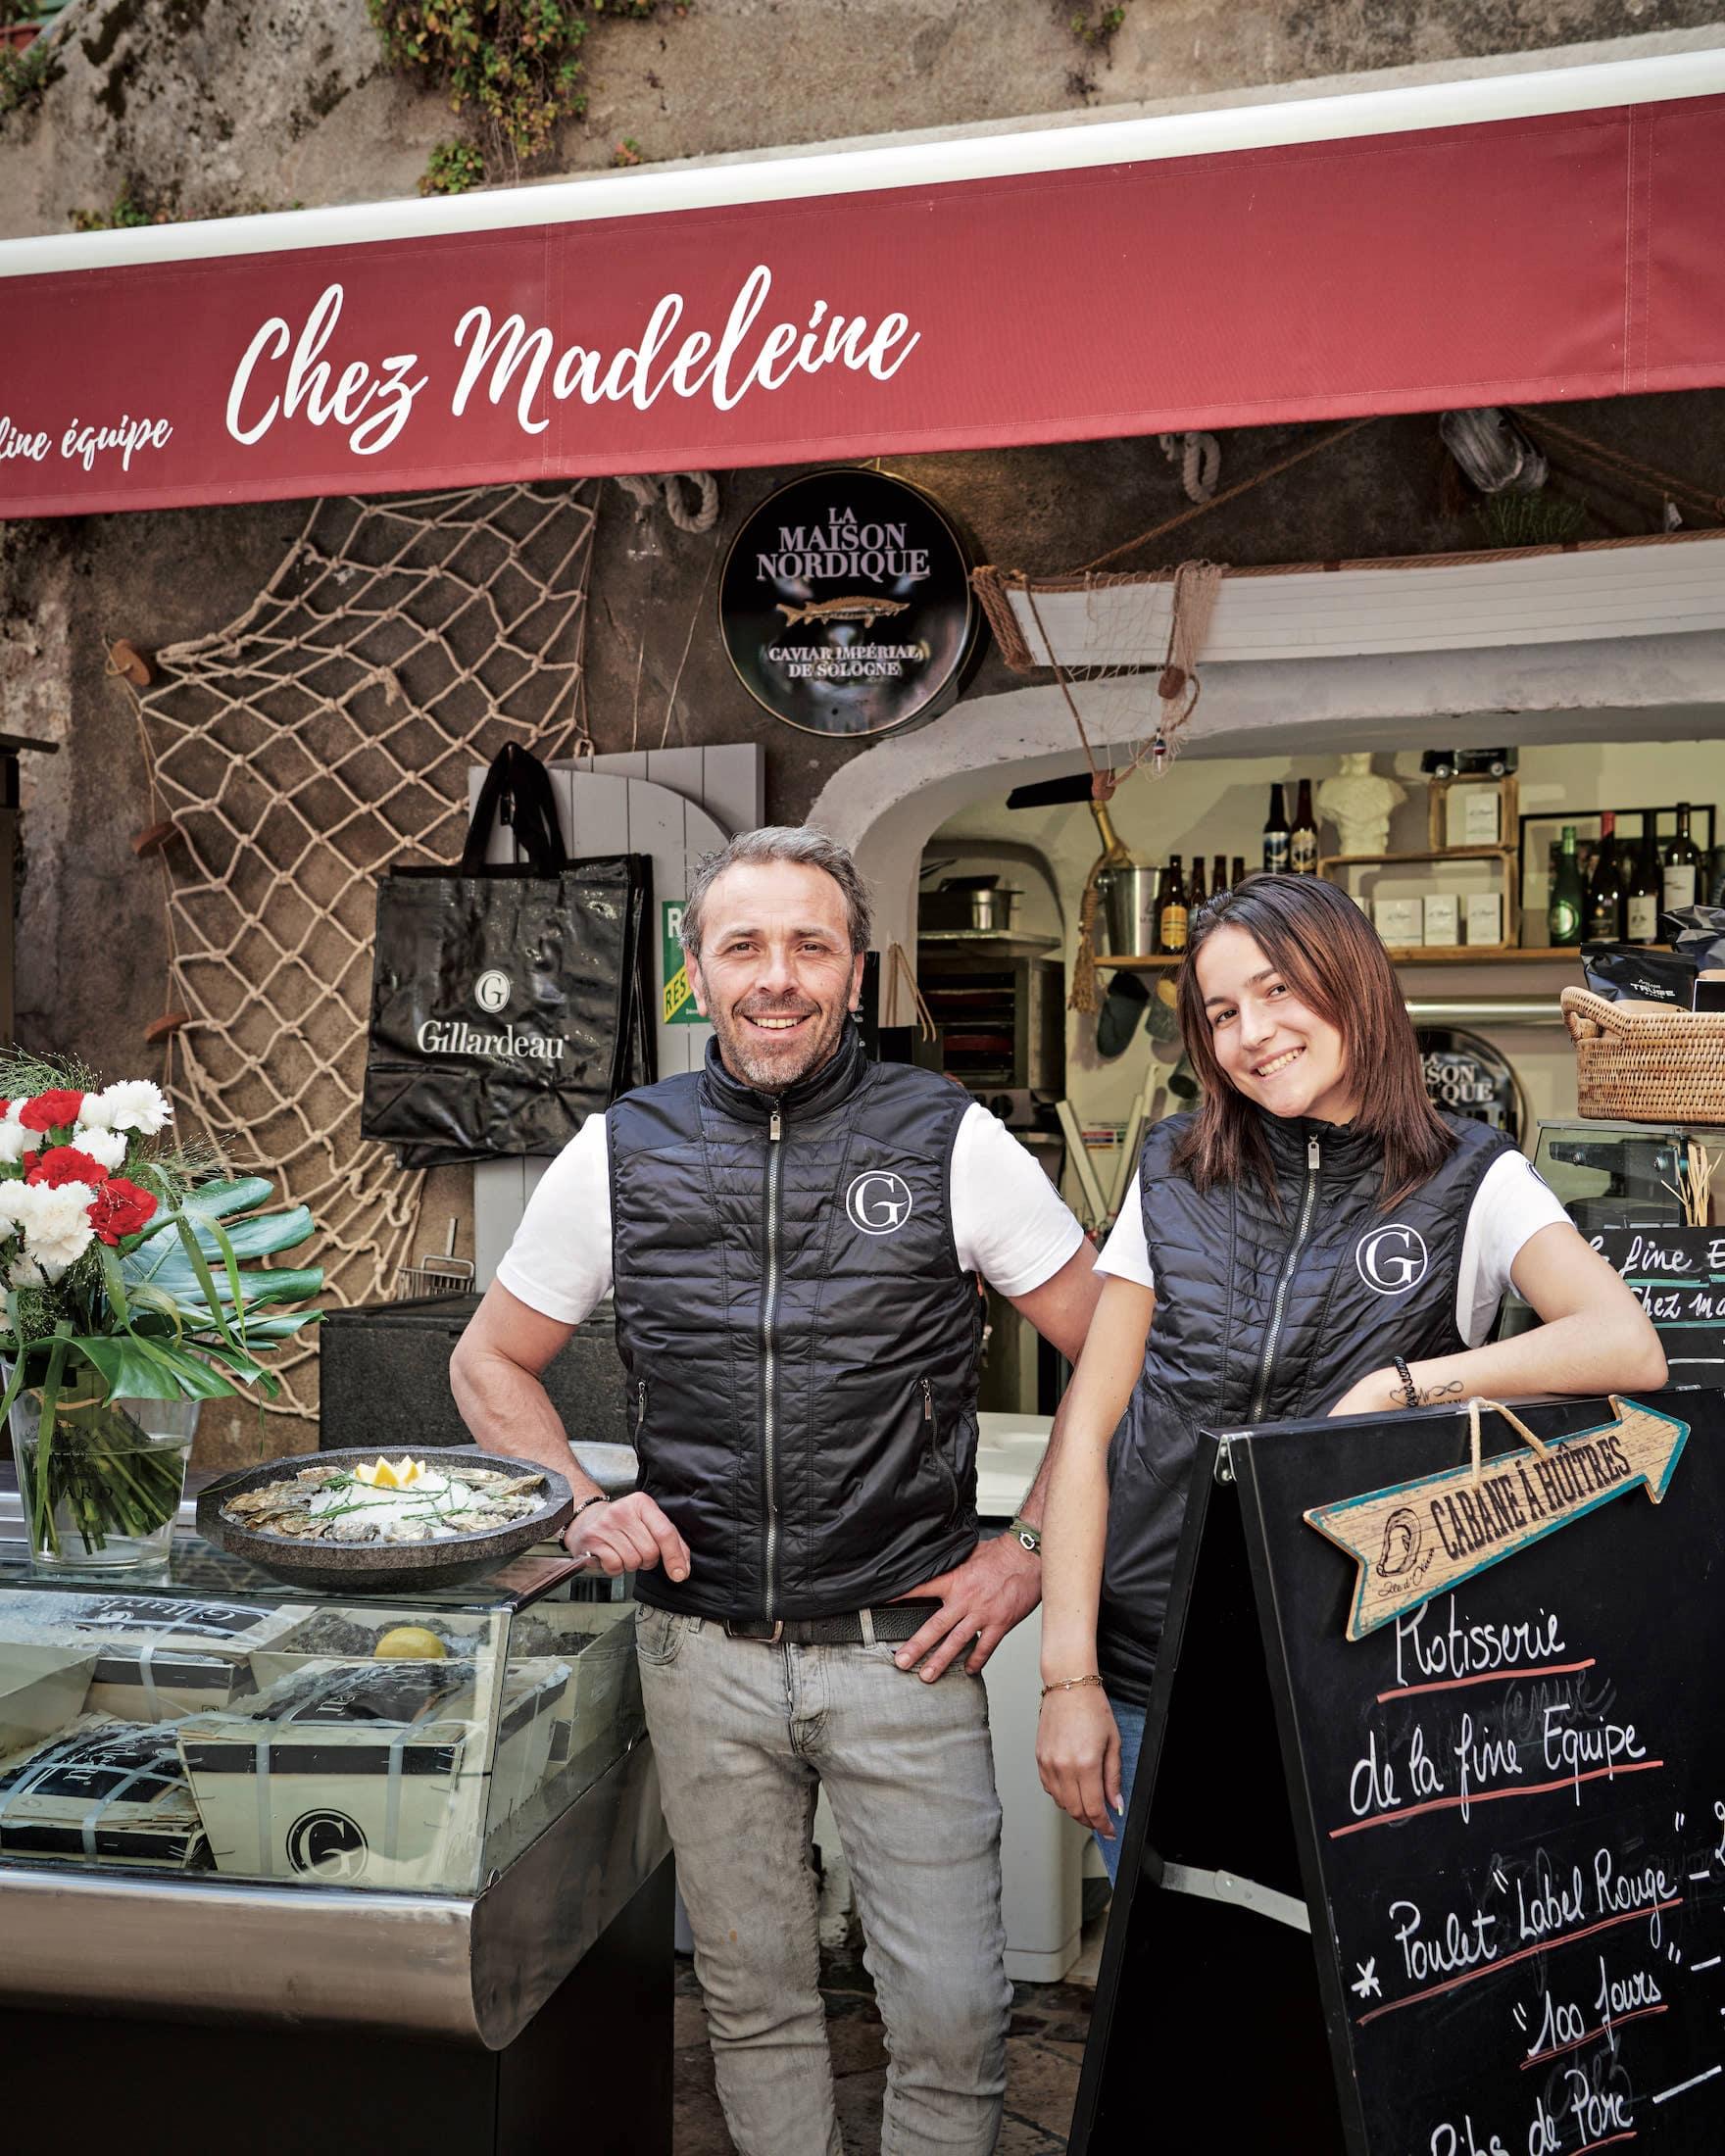 Chez Madeleine La Fine Équipe